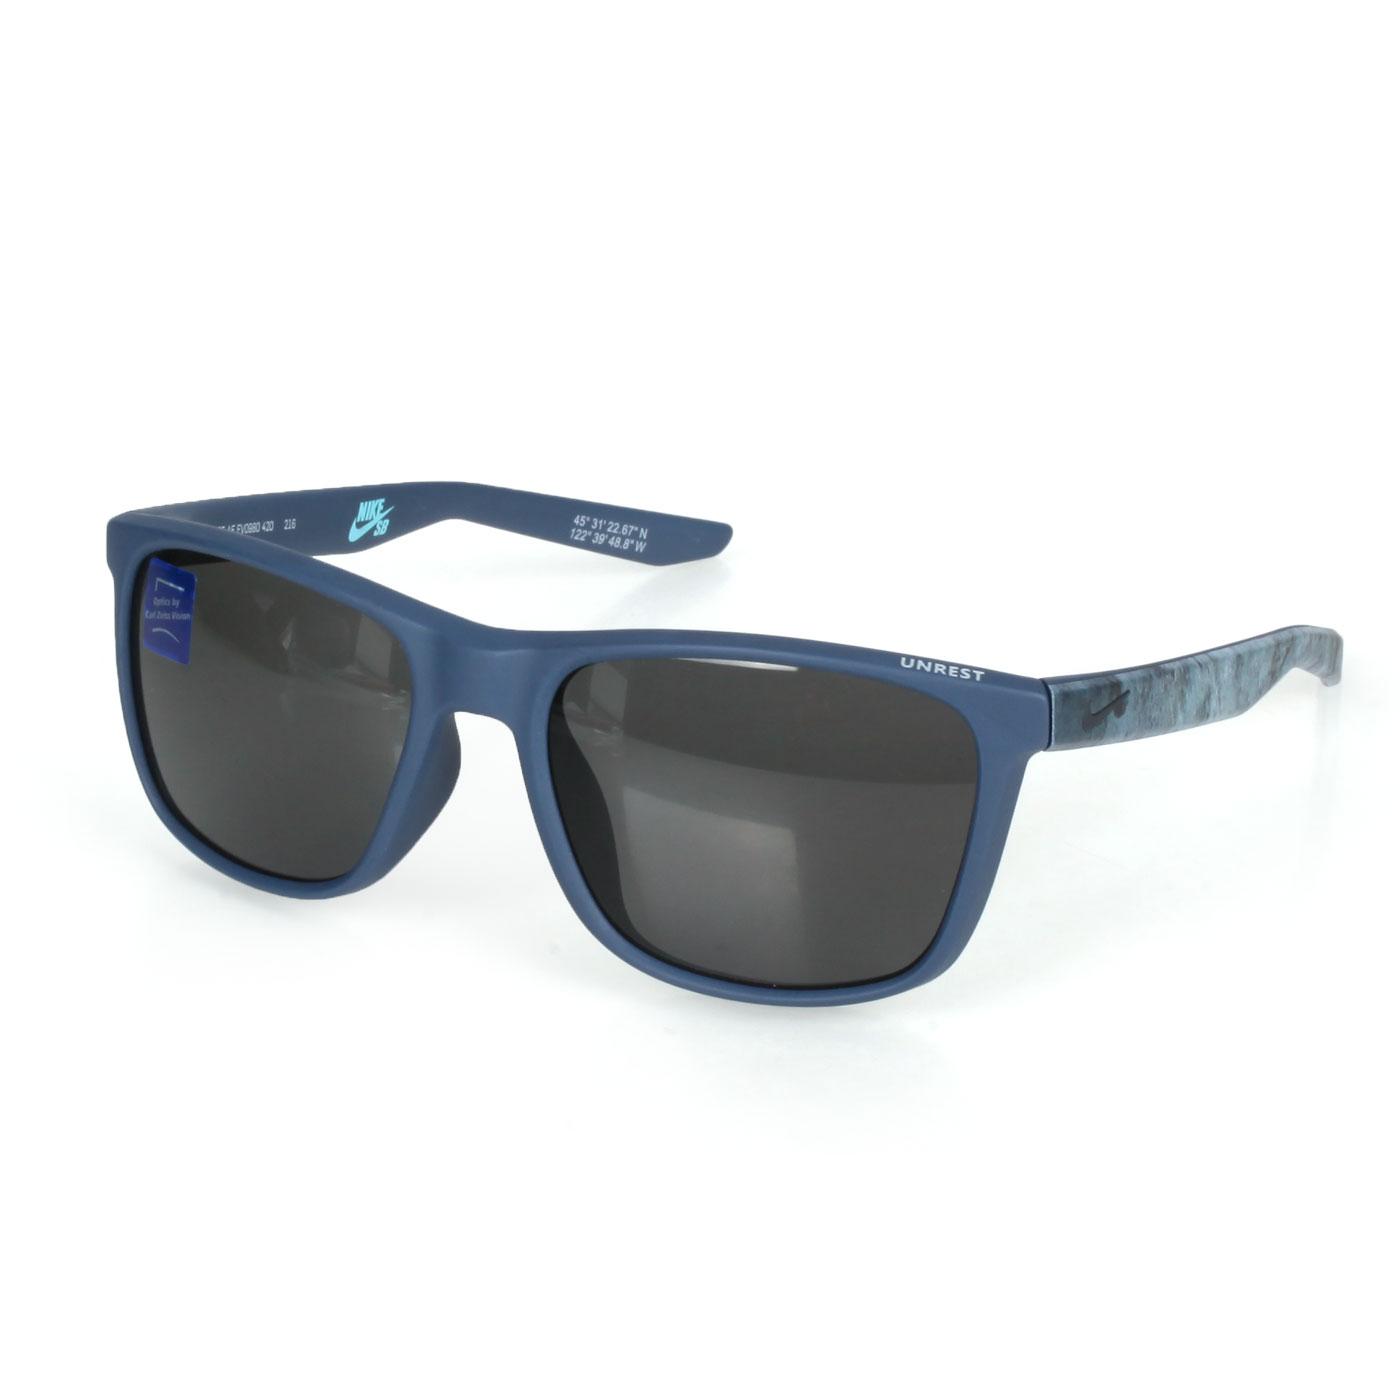 NIKE VISION UNREST SE AF 太陽眼鏡 EV0980-420